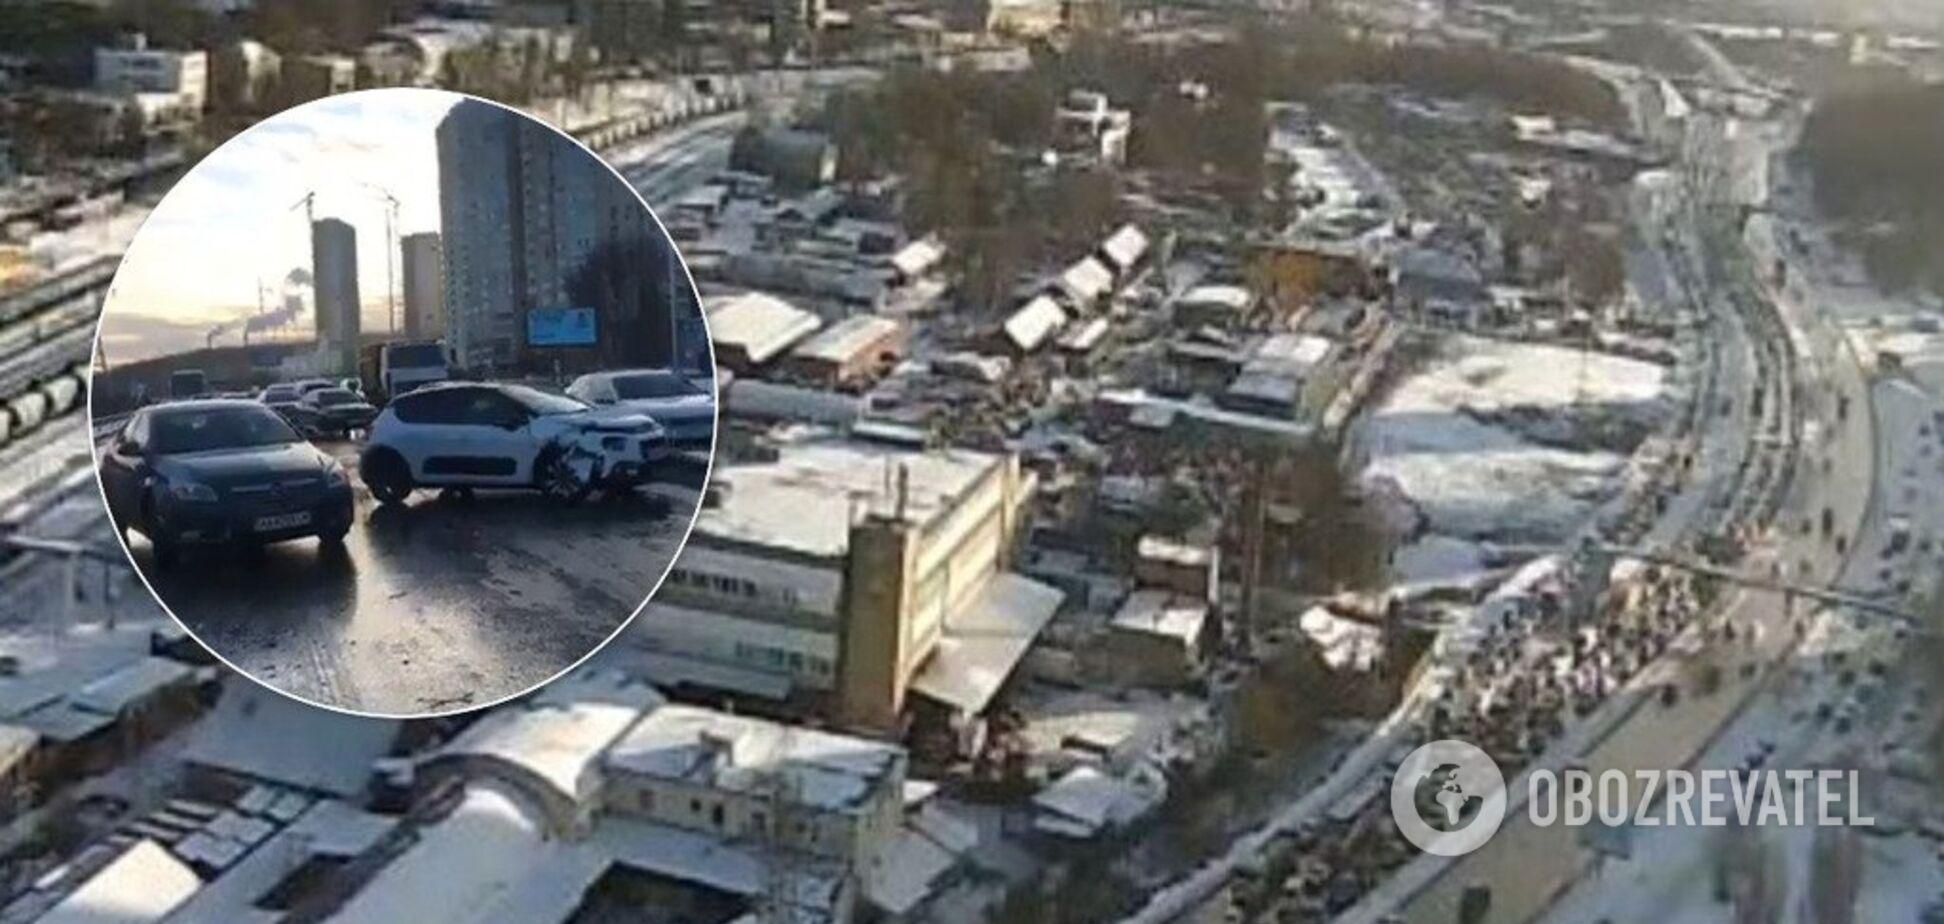 В Киеве из-за гололеда столкнулись пять авто: образовались огромные пробки. Видео